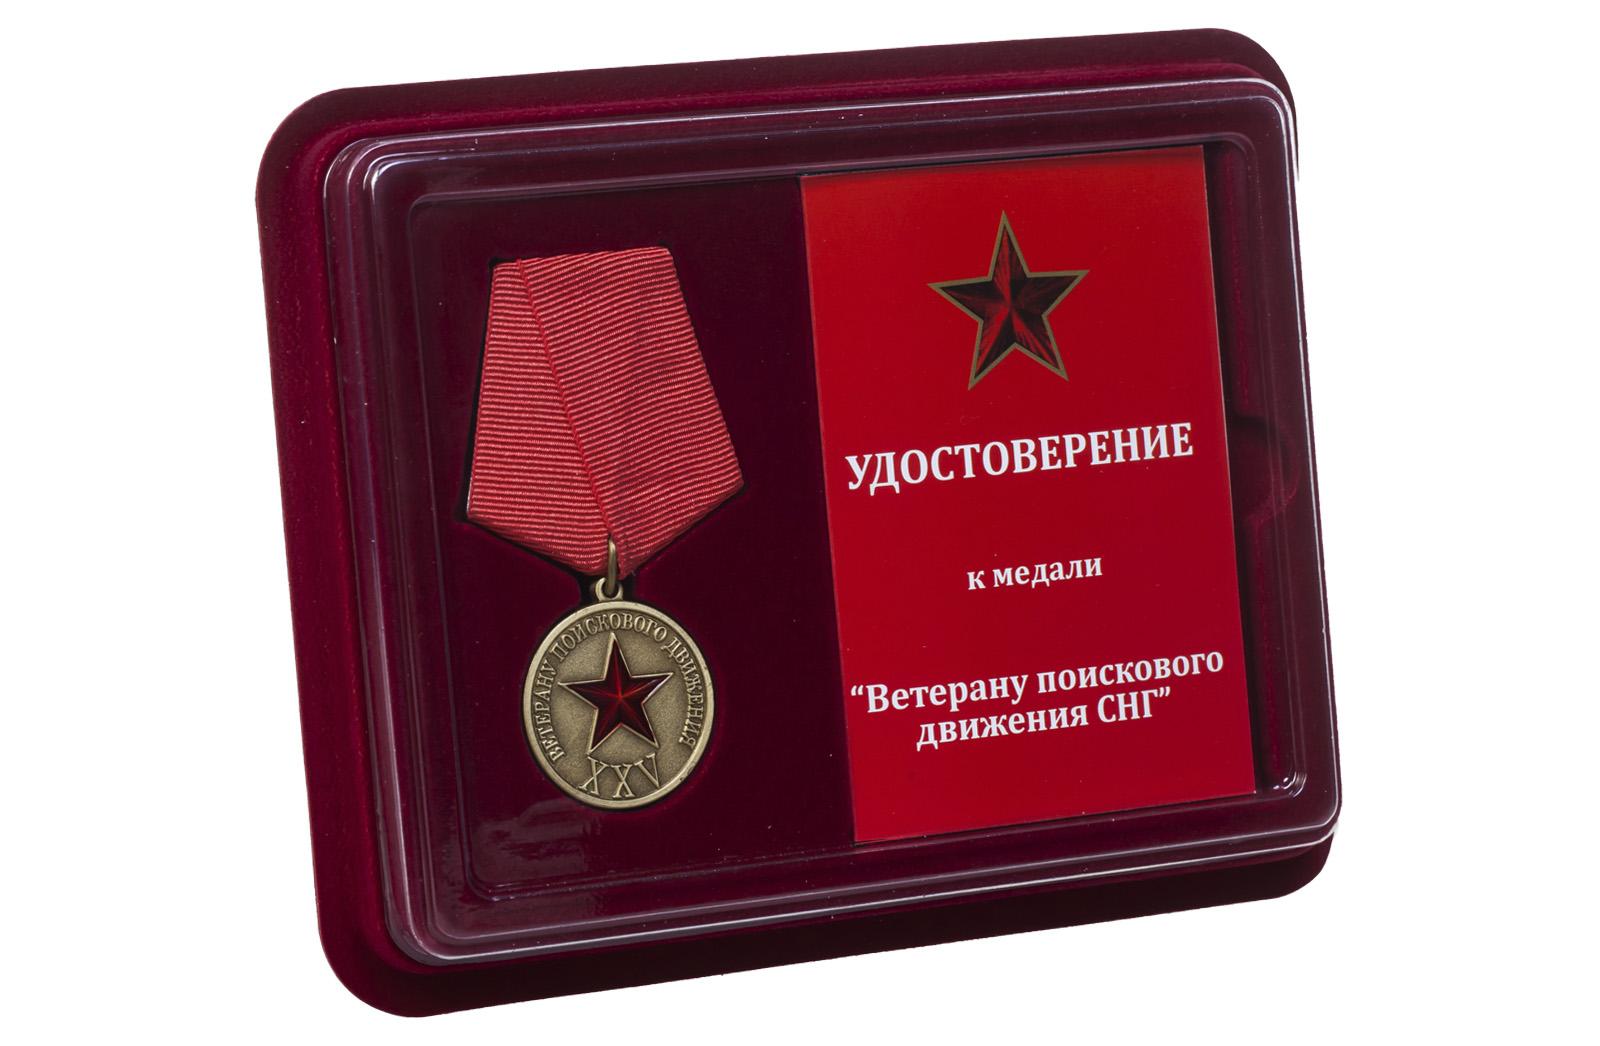 Купить медаль Ветеран поискового движения СНГ по лучшей цене